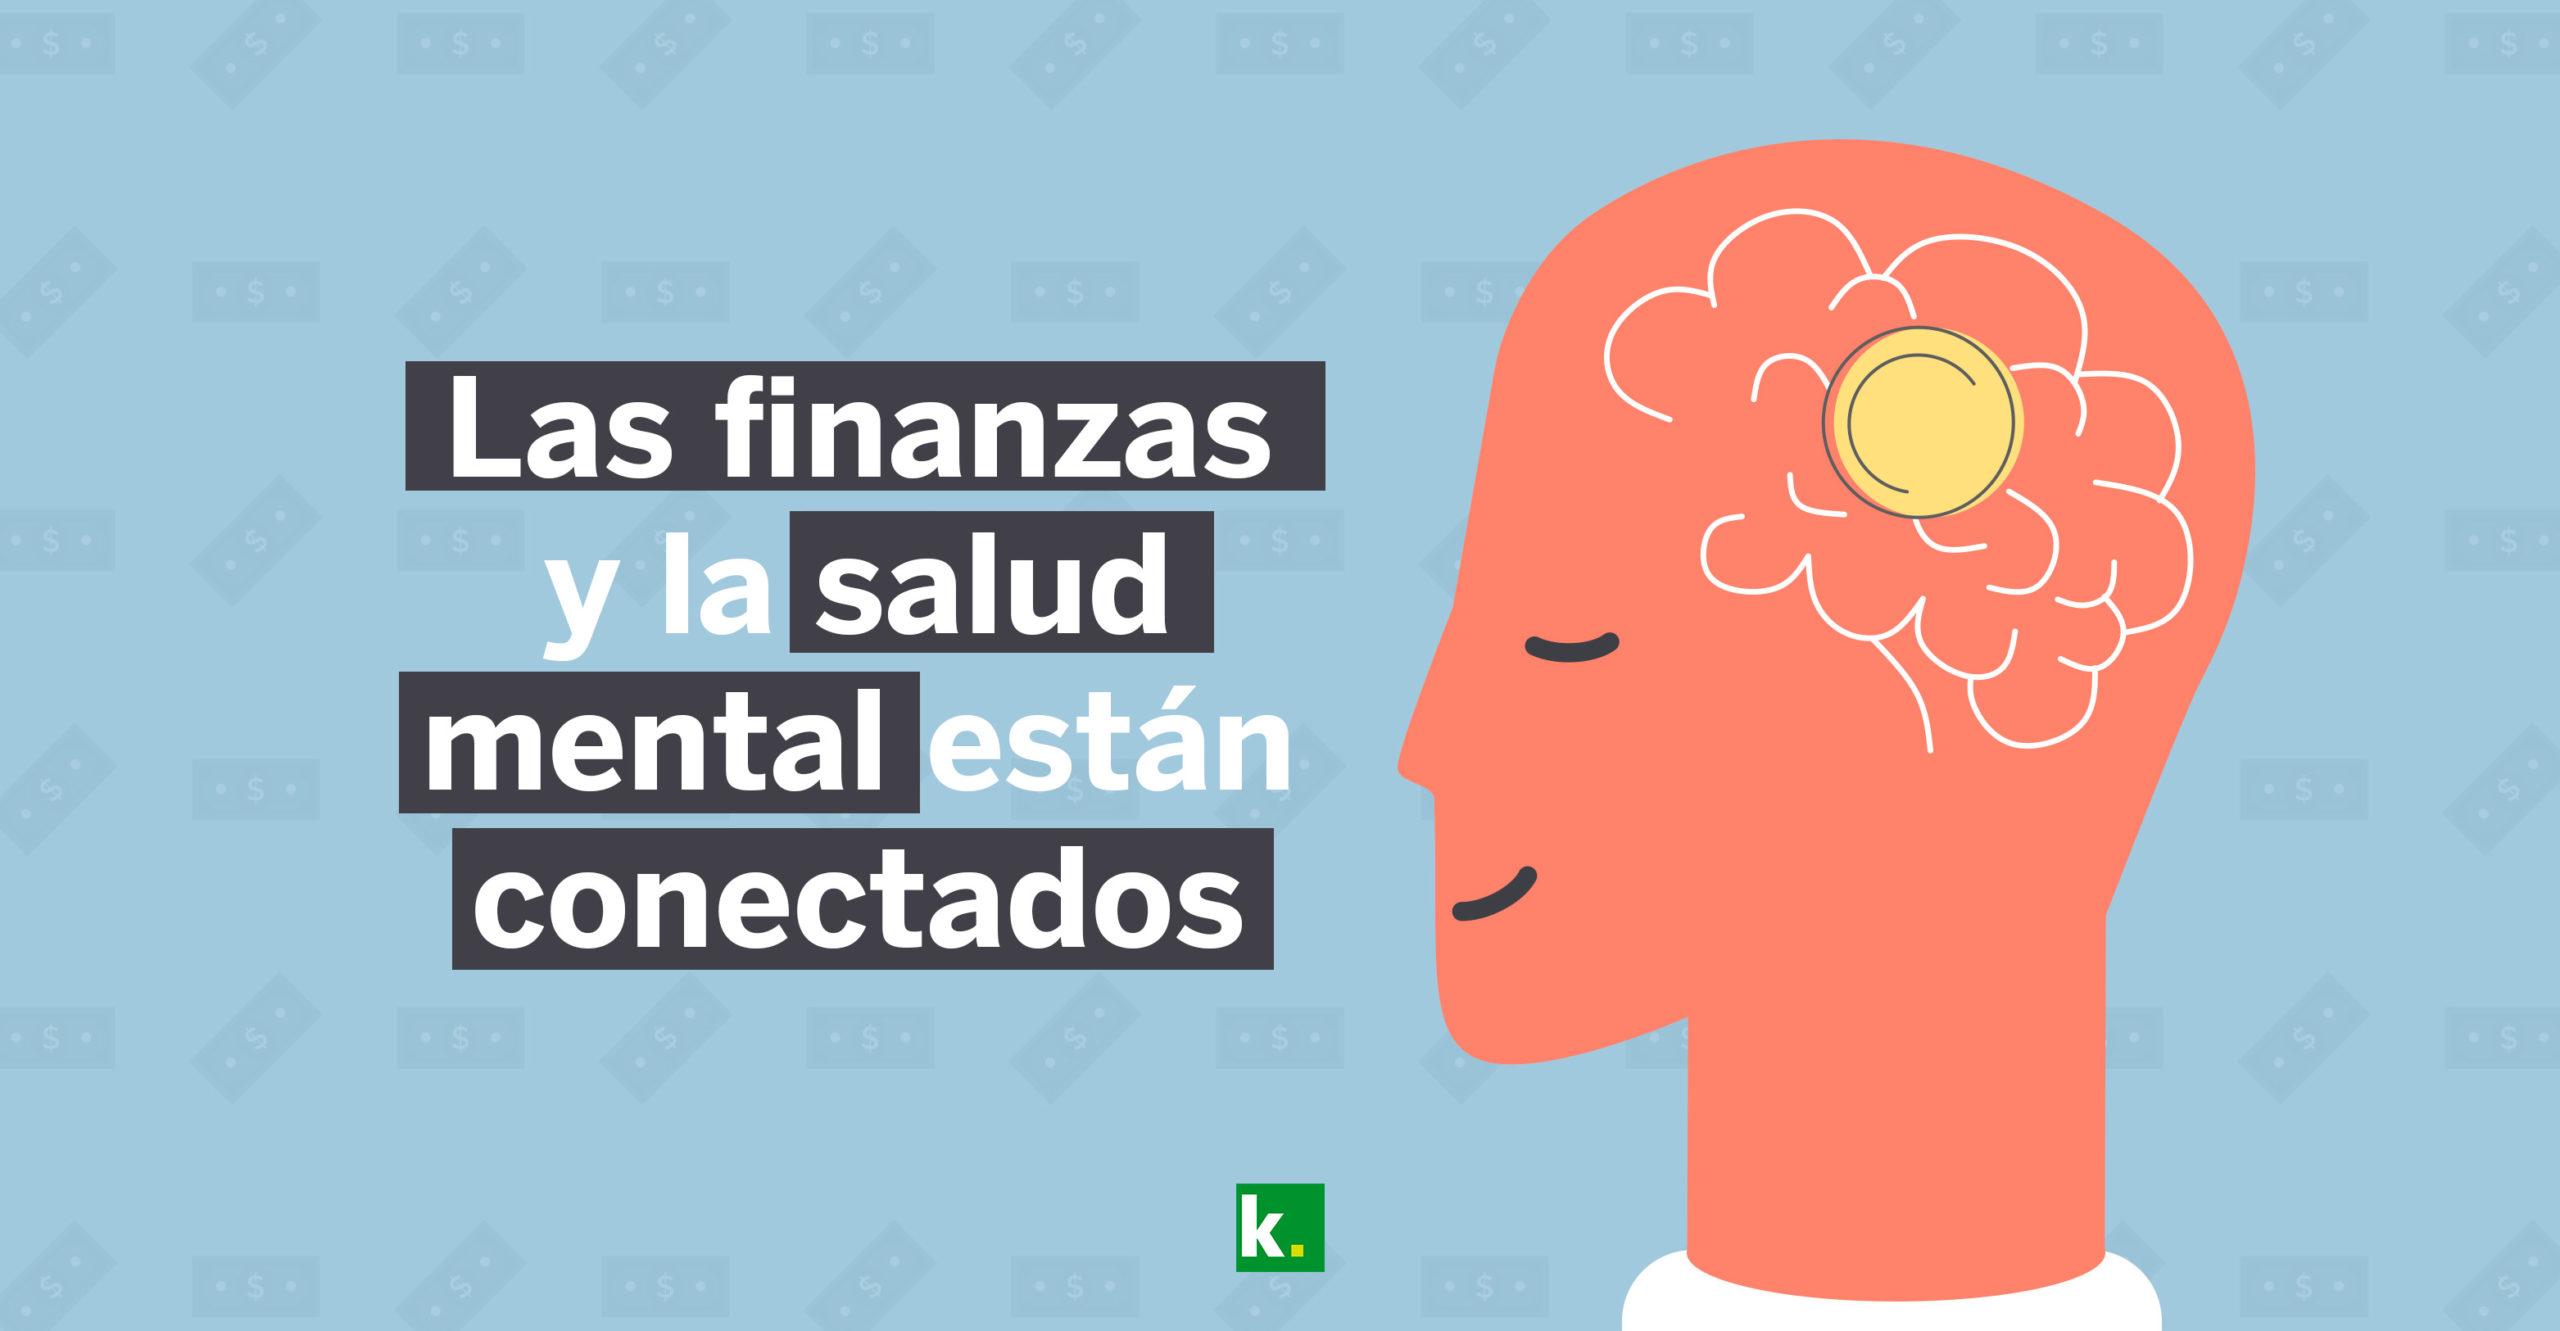 Las finanzas y la salud mental están conectados